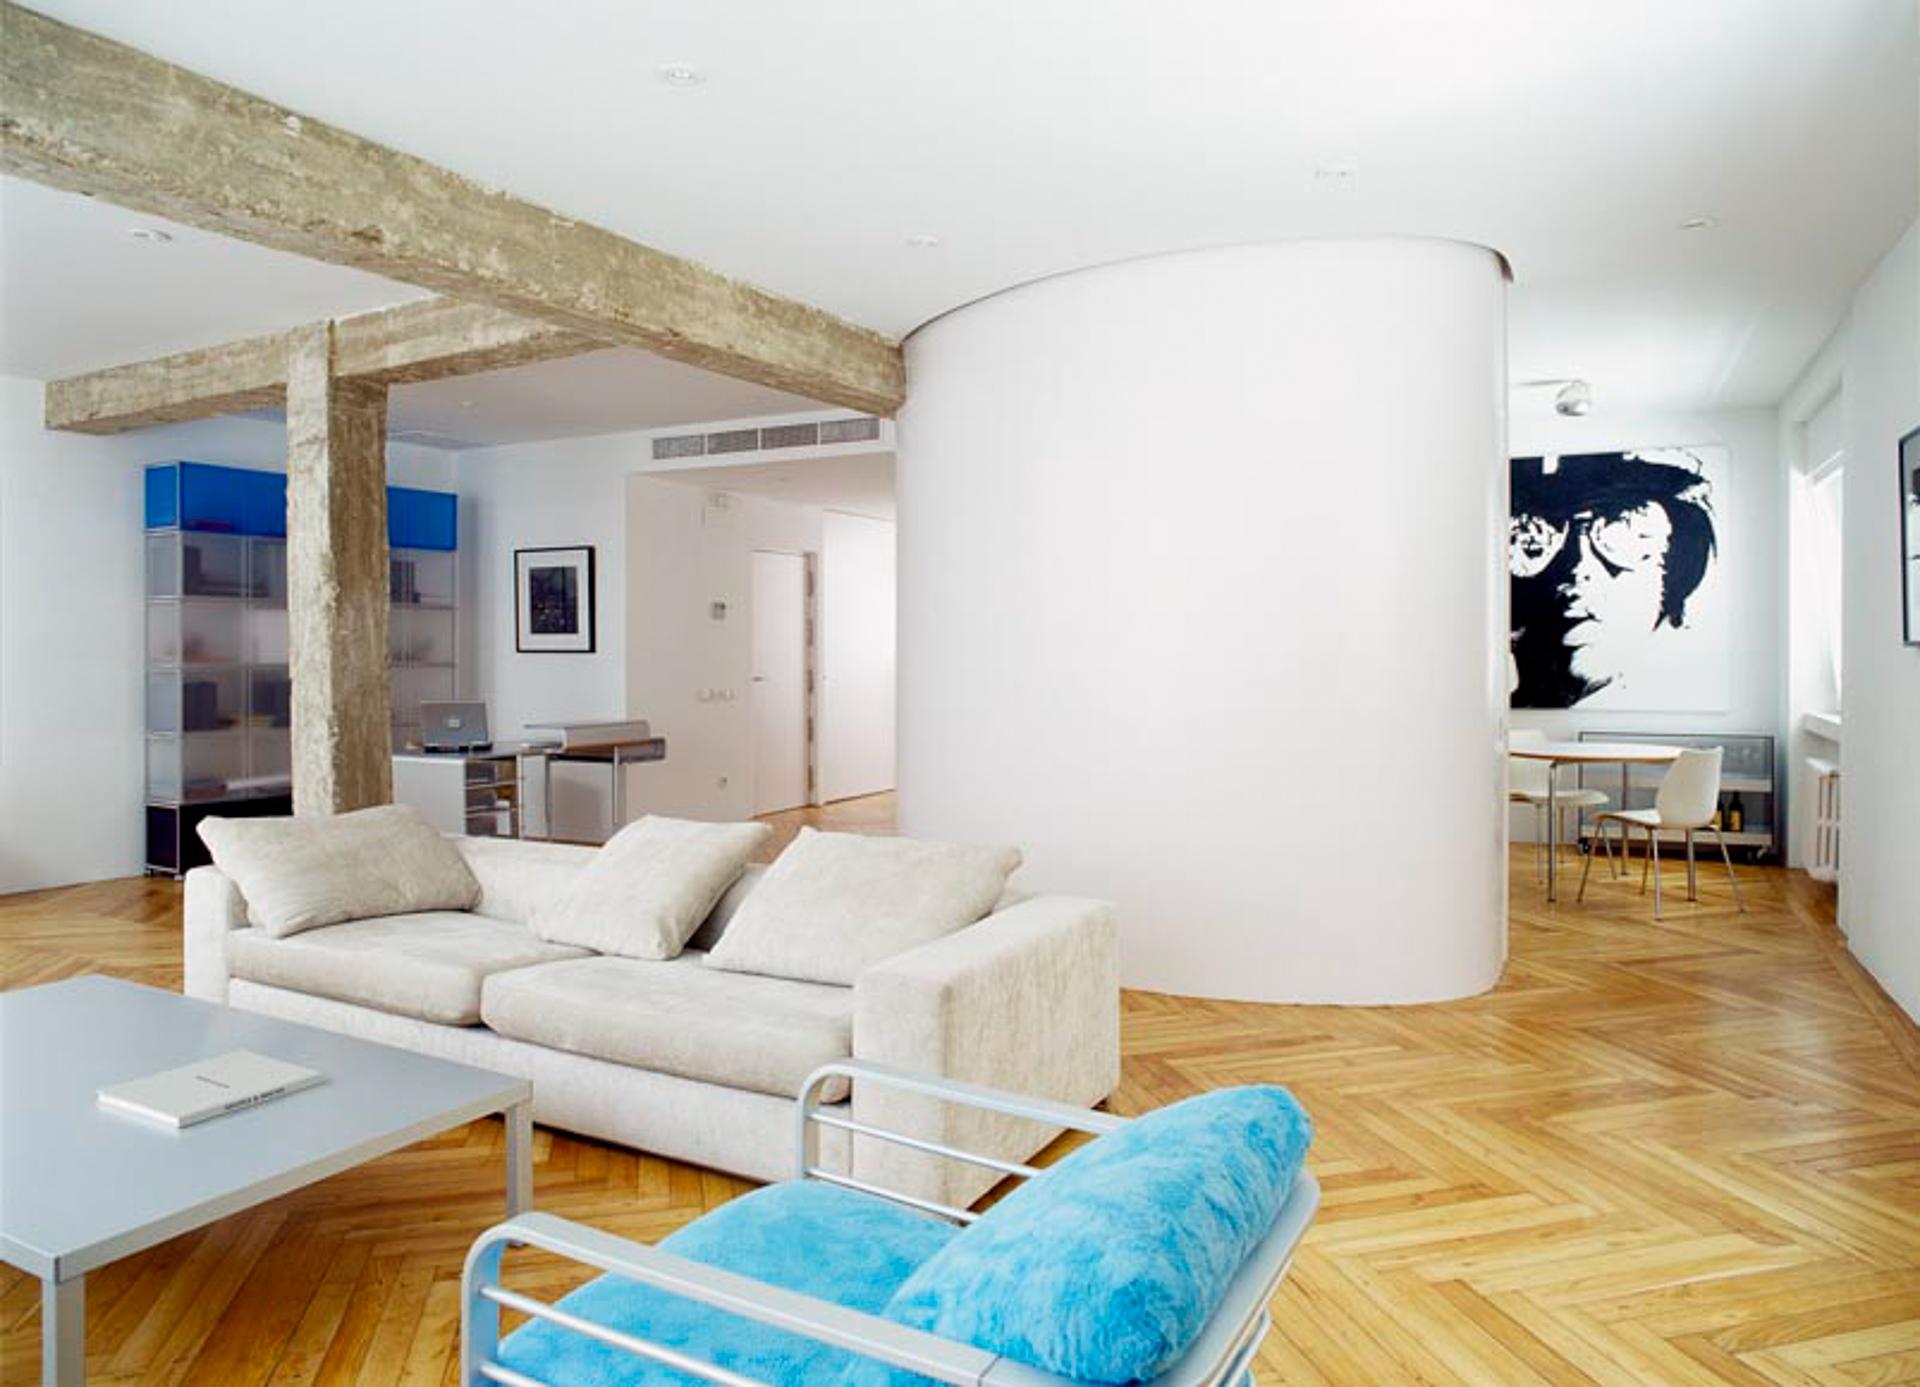 GranVia_Maroto_Ibañez_arquitectos01